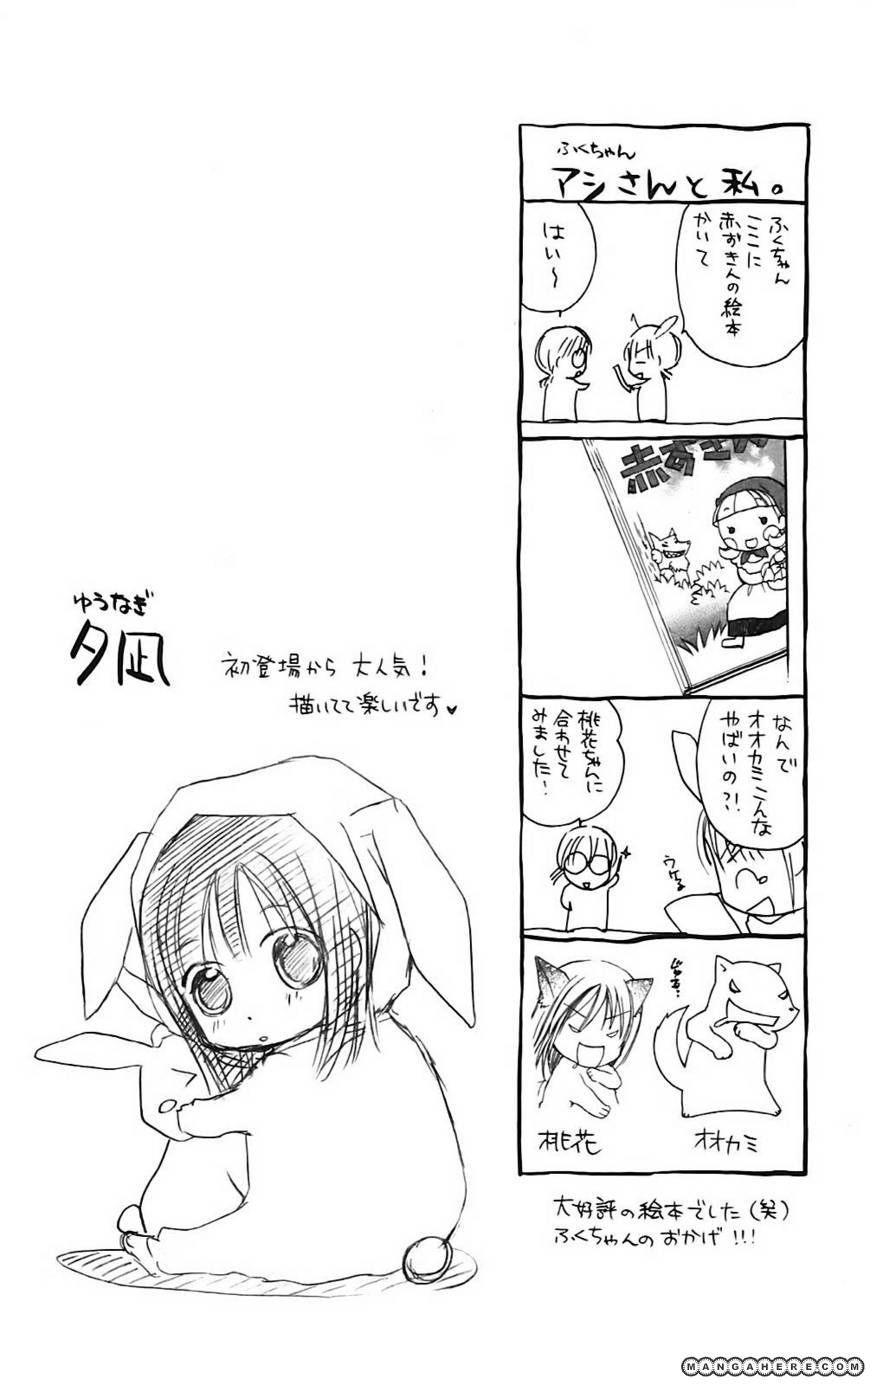 Namida Usagi - Seifuku no Kataomoi 13 Page 2